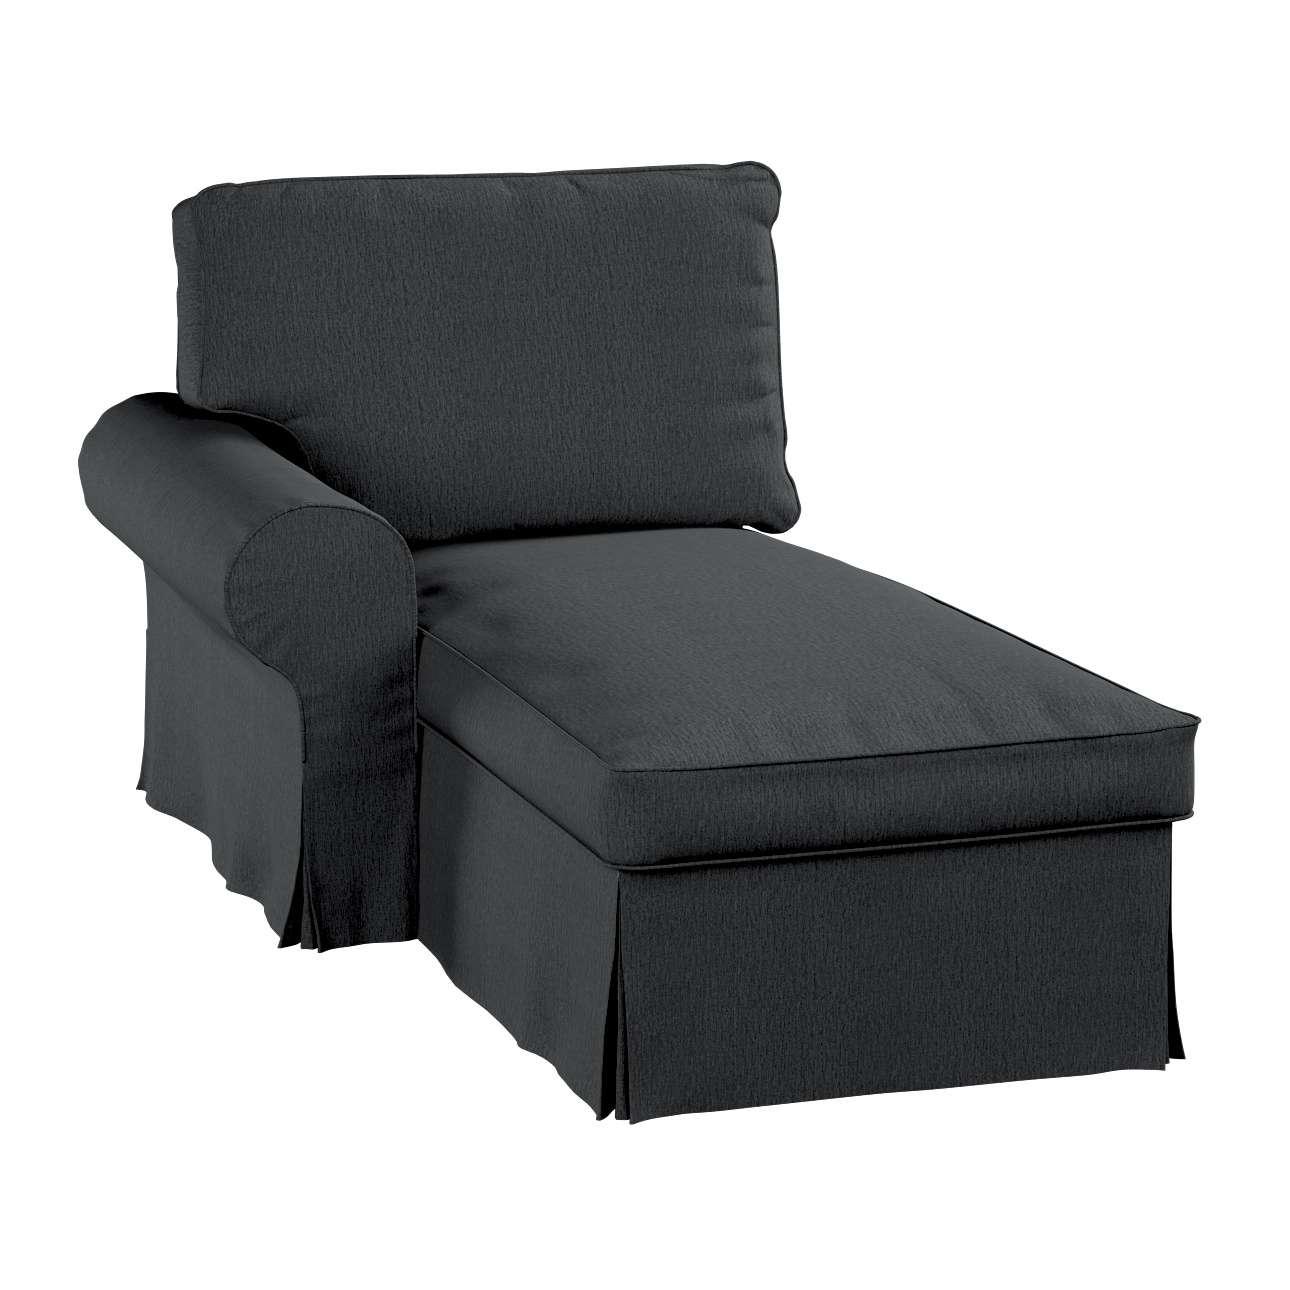 Ektorp gulimojo krėslo užvalkalas (su porankiu, kairiojo) Ektorp gulimasis krėslas - kairysis kolekcijoje Chenille, audinys: 702-20